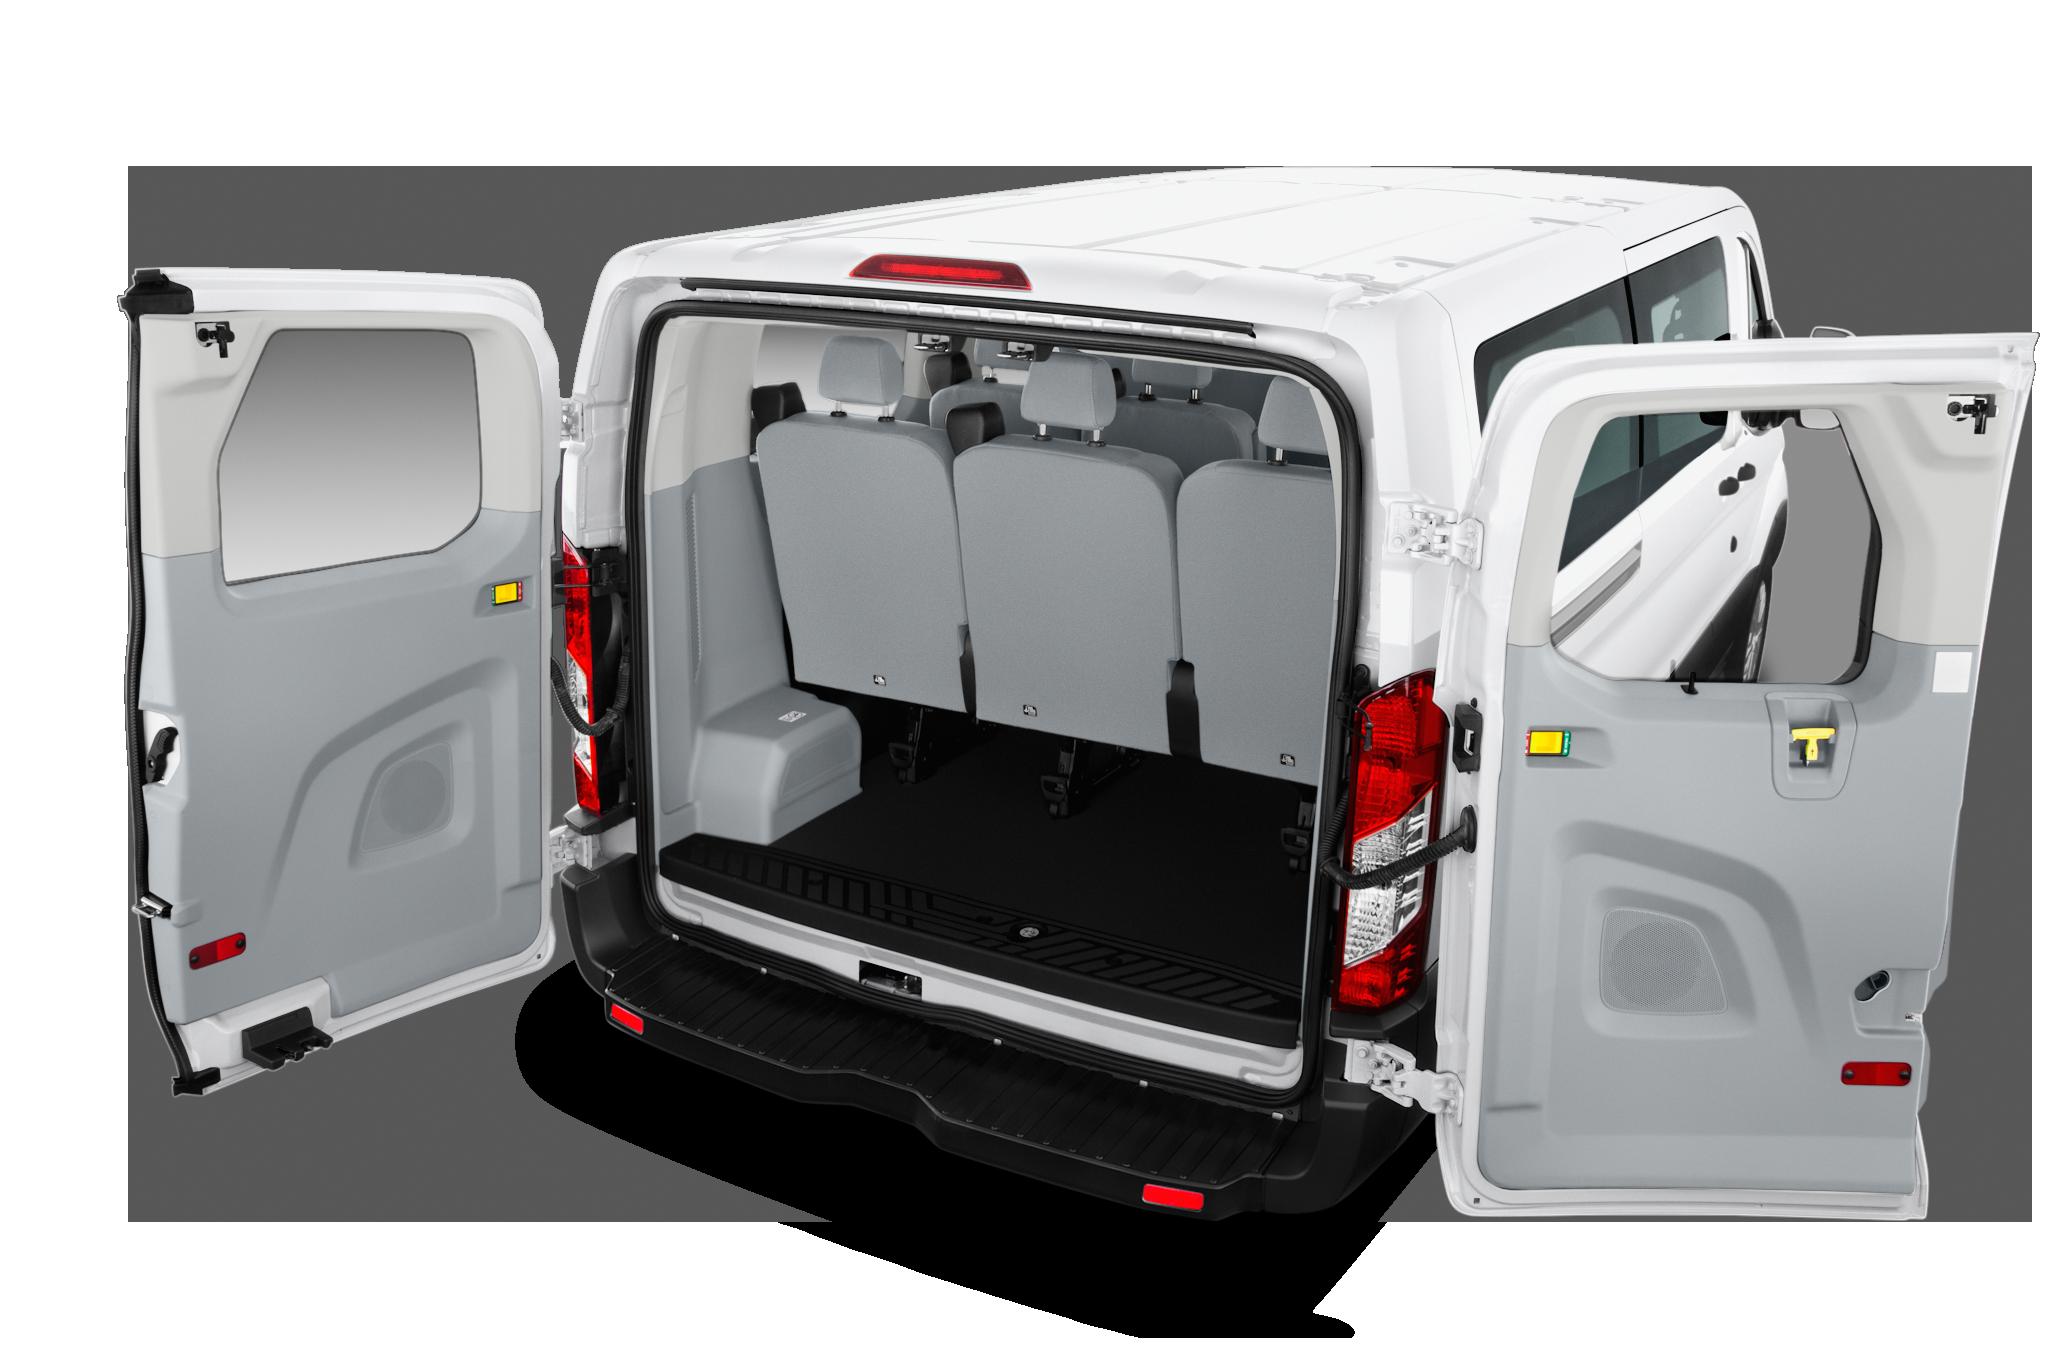 Minivan clipart 15 passenger van, Minivan 15 passenger van.